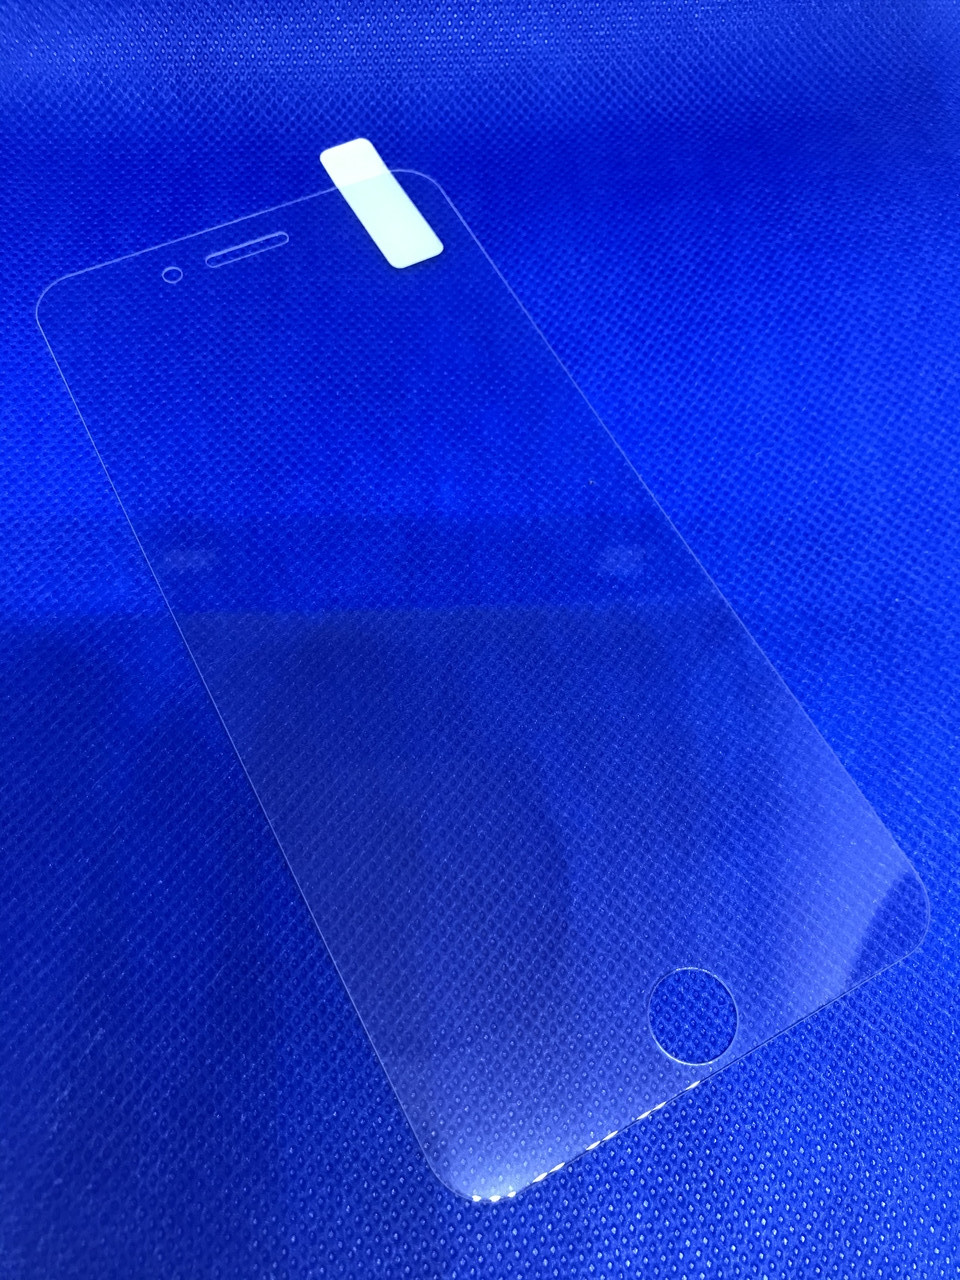 Защитное стекло Apple Iphone 6 Plus (6+) Full Glue 2,5D 3D неполное покрытие полный клей прозрачное